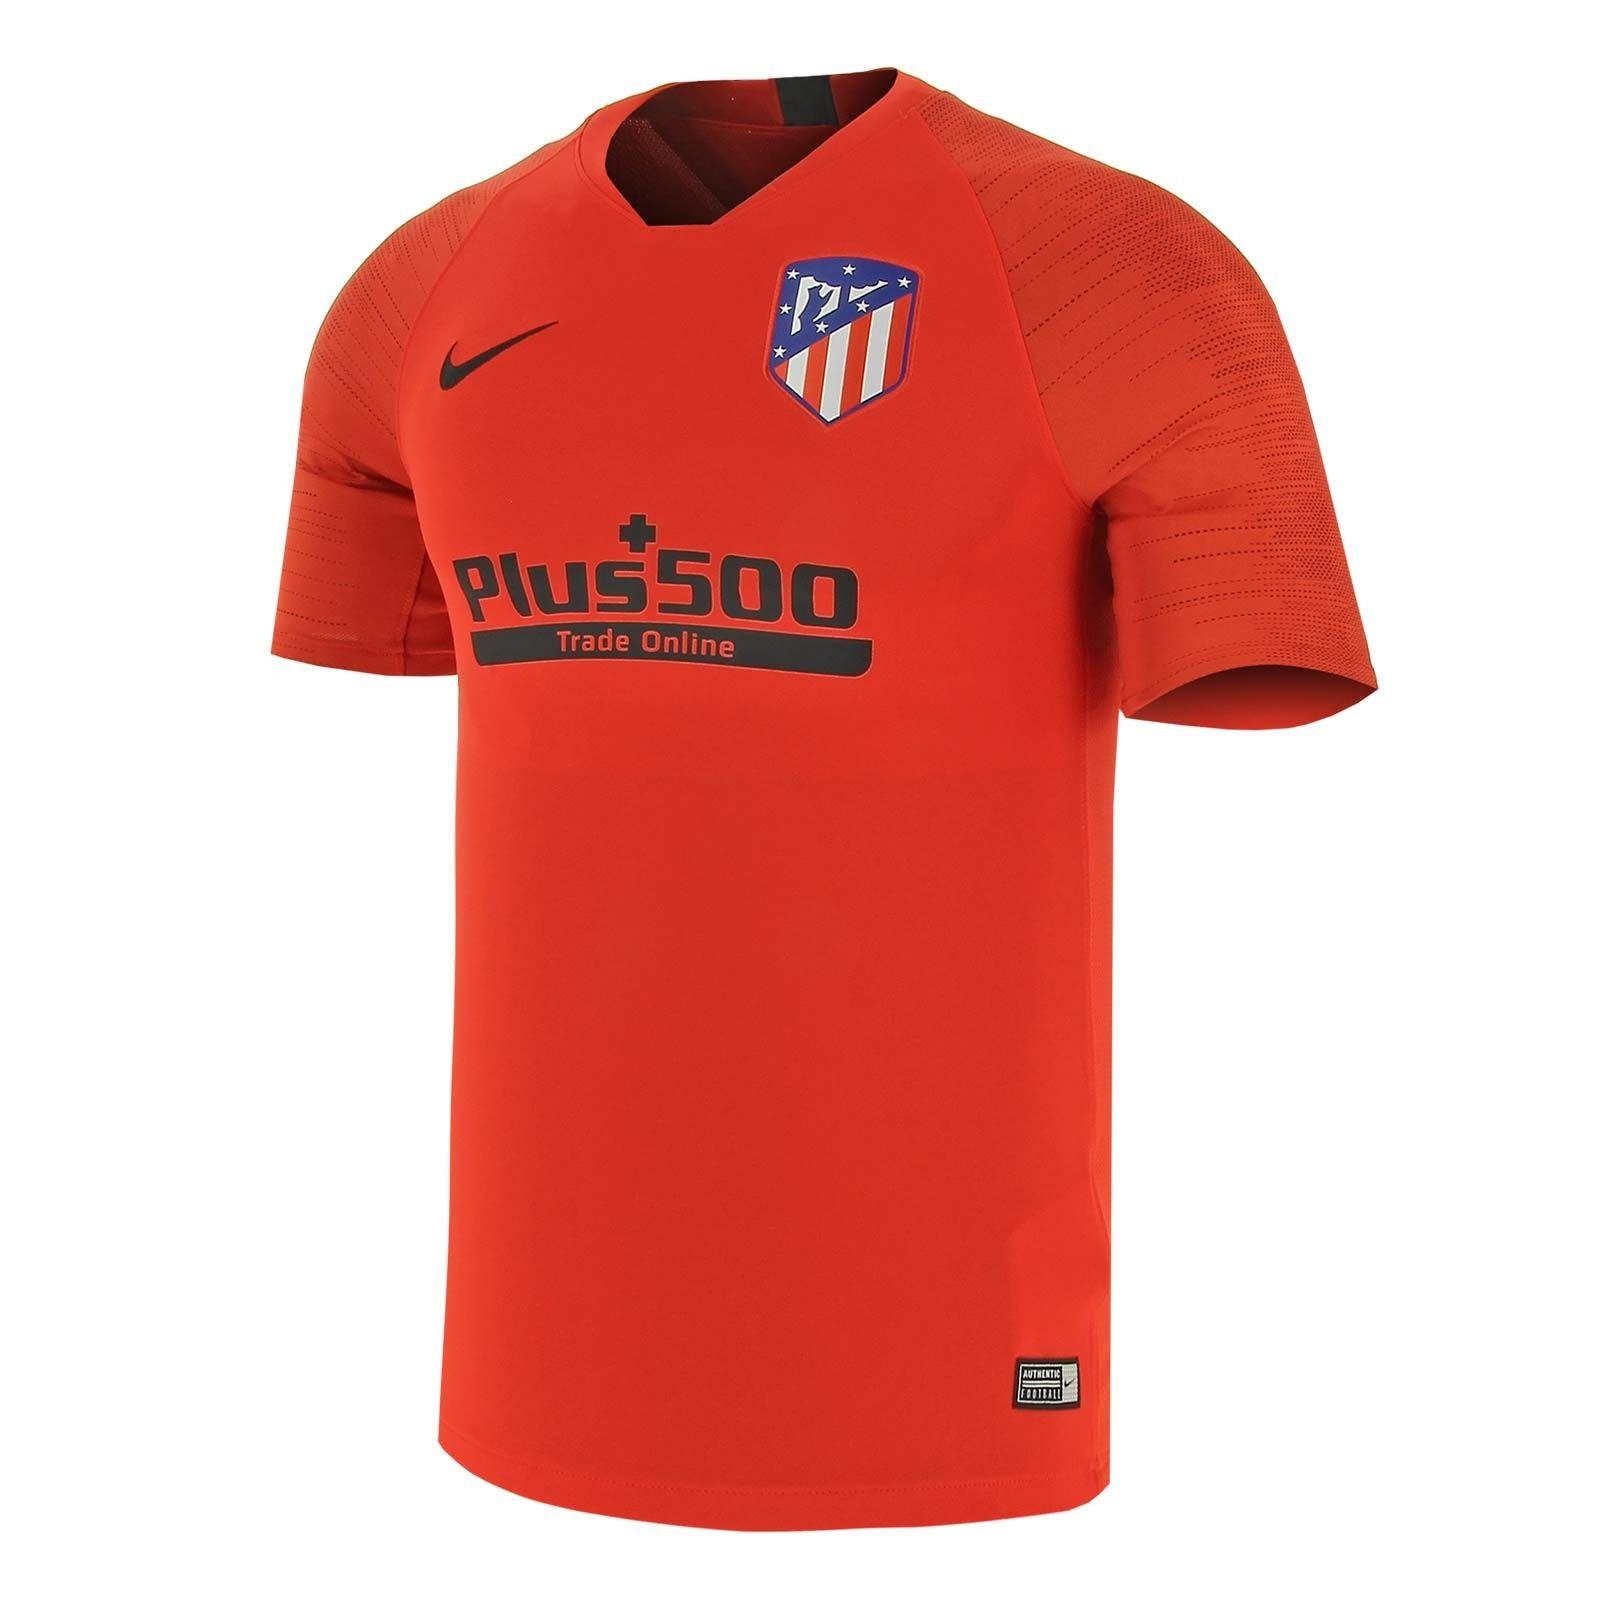 Camiseta Nike Atlético Entreno Strike 2019 2020 Camiseta Atletico De Madrid Camisetas De Equipo Camisetas Deportivas